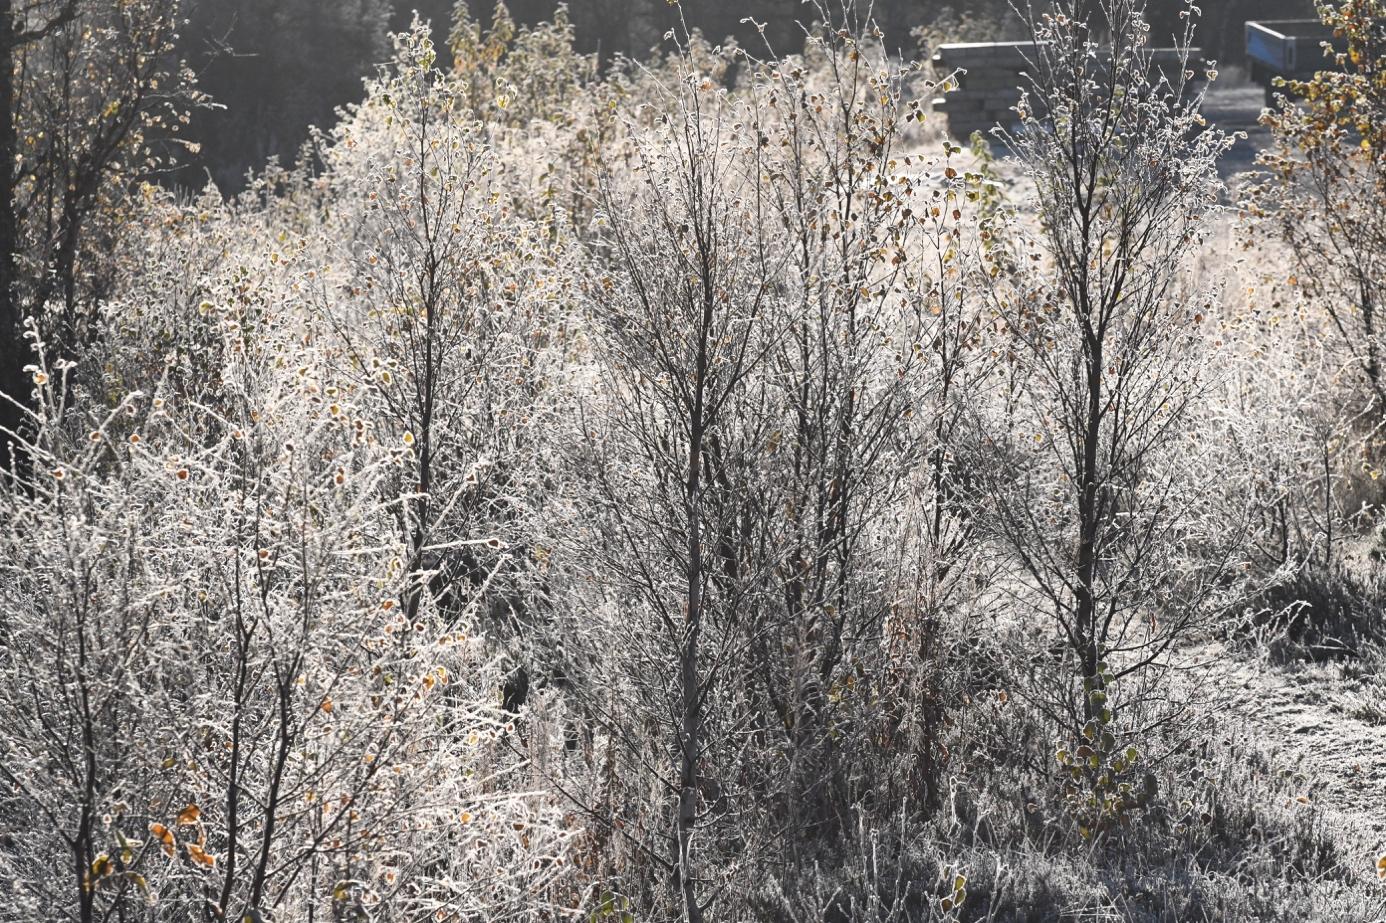 Et bilde som inneholder utendørs, gress, tre, snø  Automatisk generert beskrivelse